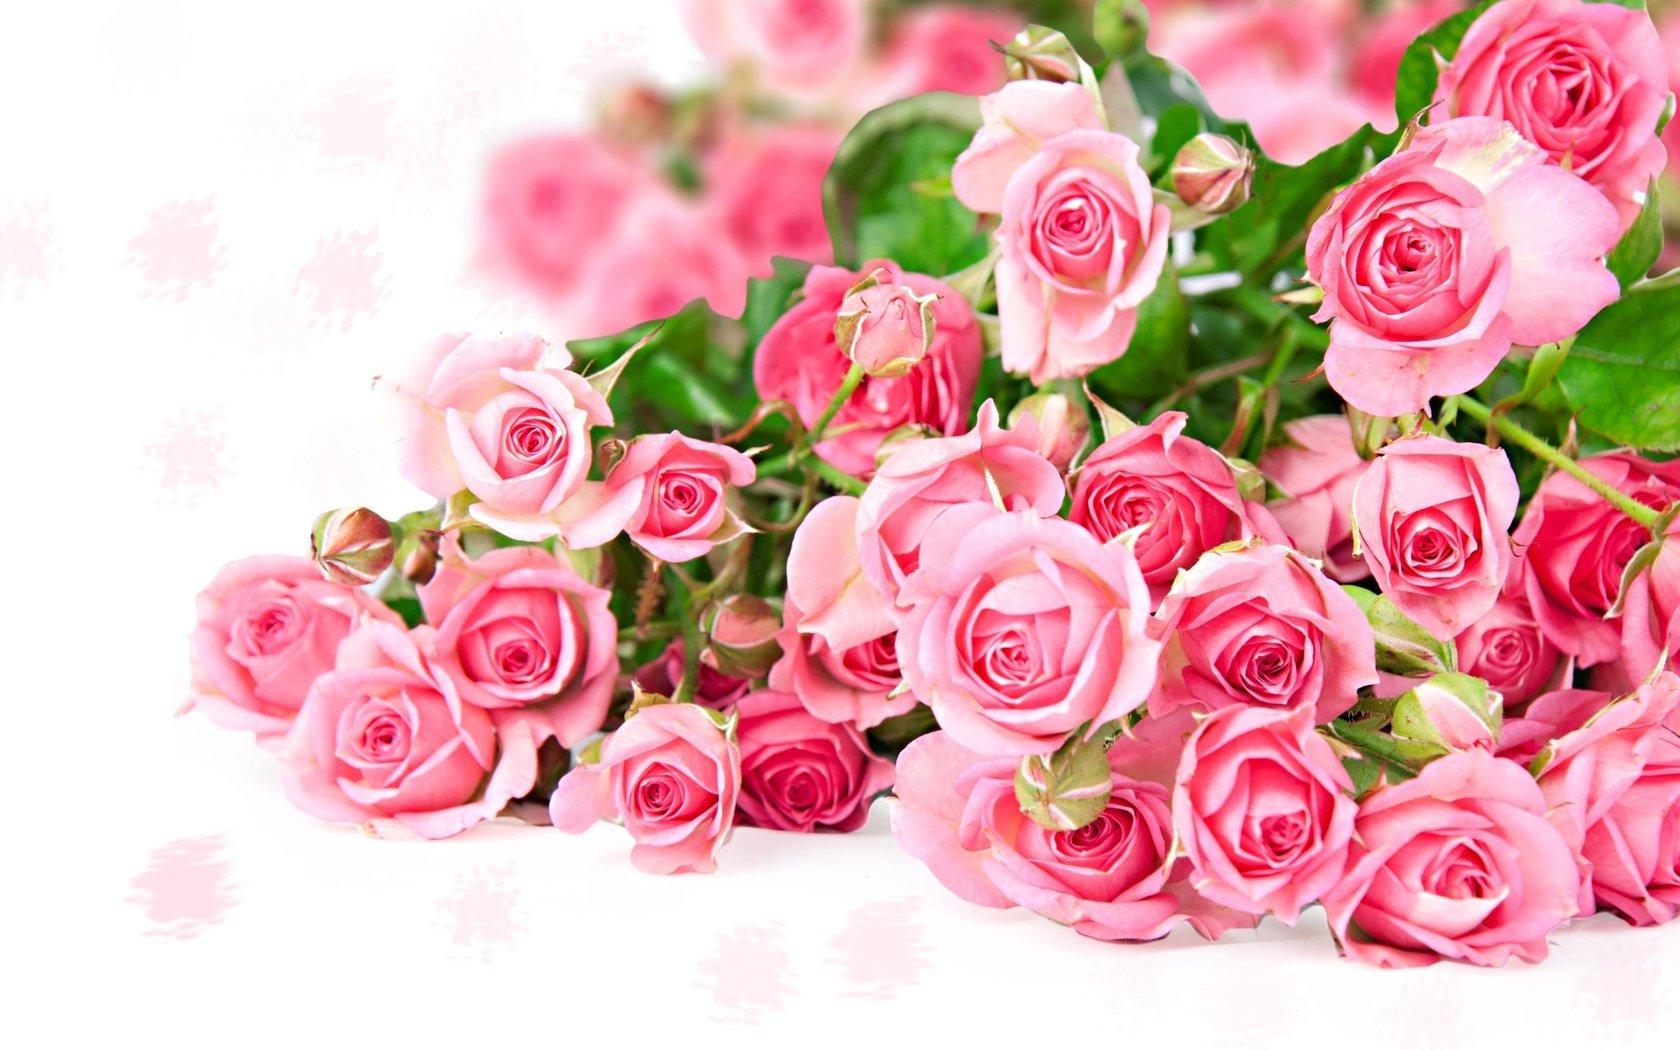 Поздравления с днем рождения женщине 65 года красивые